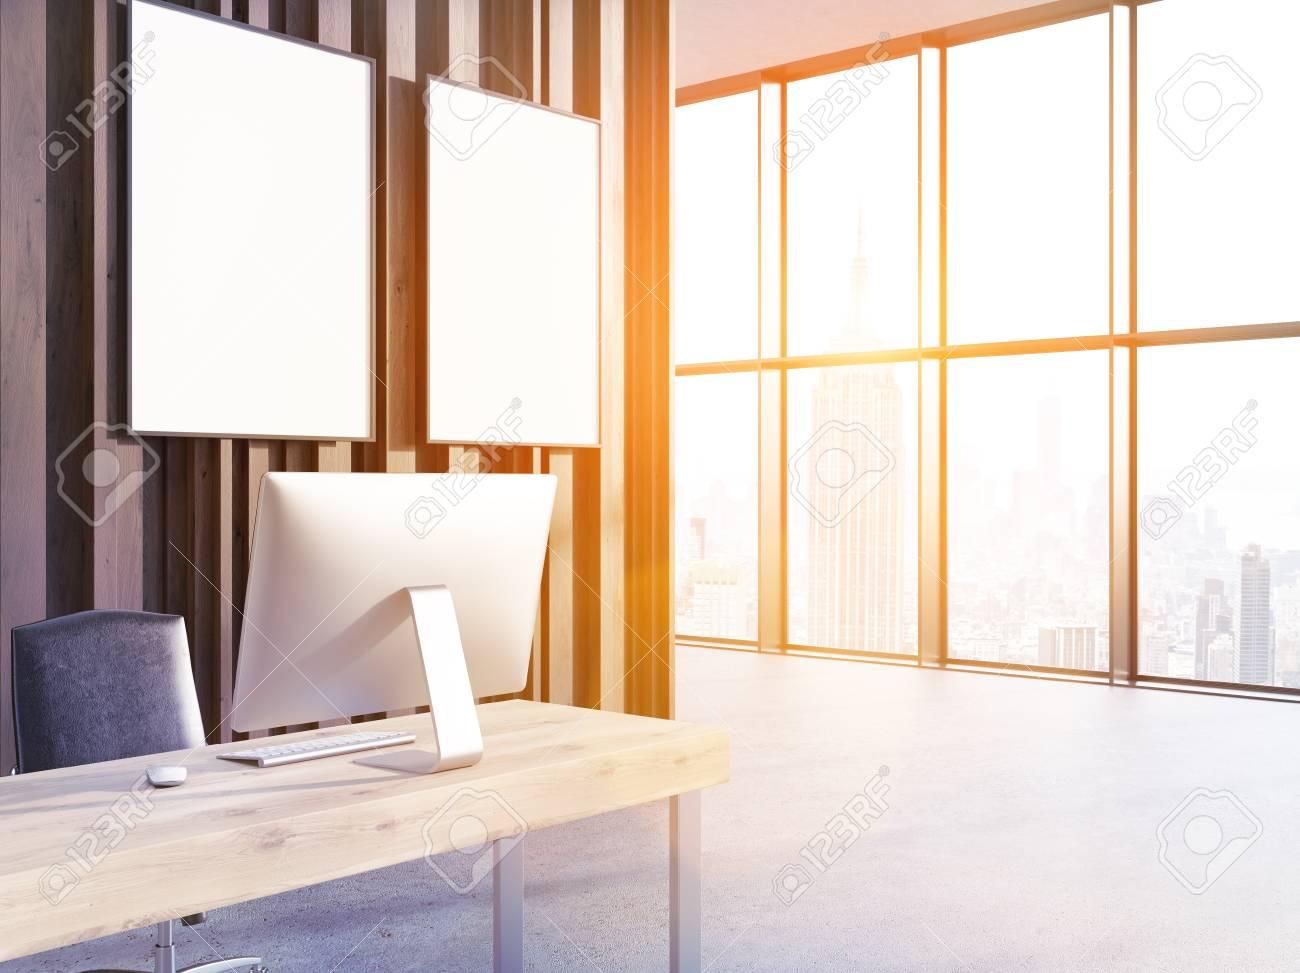 Büro-Interieur Mit Computern Auf Schreibtisch Aus Holz, Zwei Leeren ...